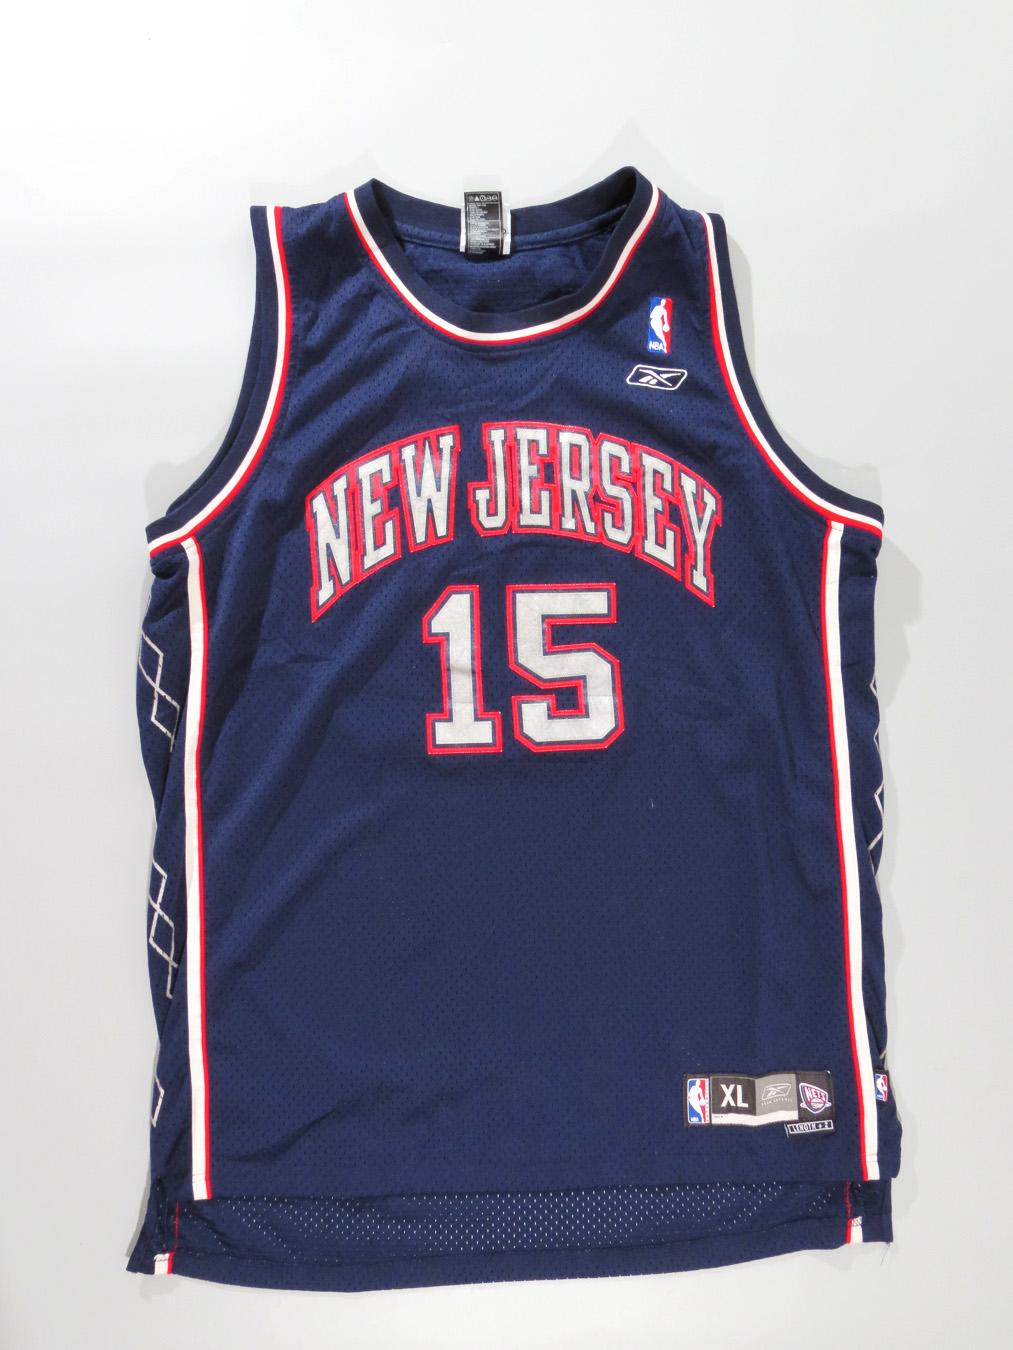 3a34e9ff0ec New Jersey Nets Vince Carter Reebok Mesh Jersey - 5 Star Vintage